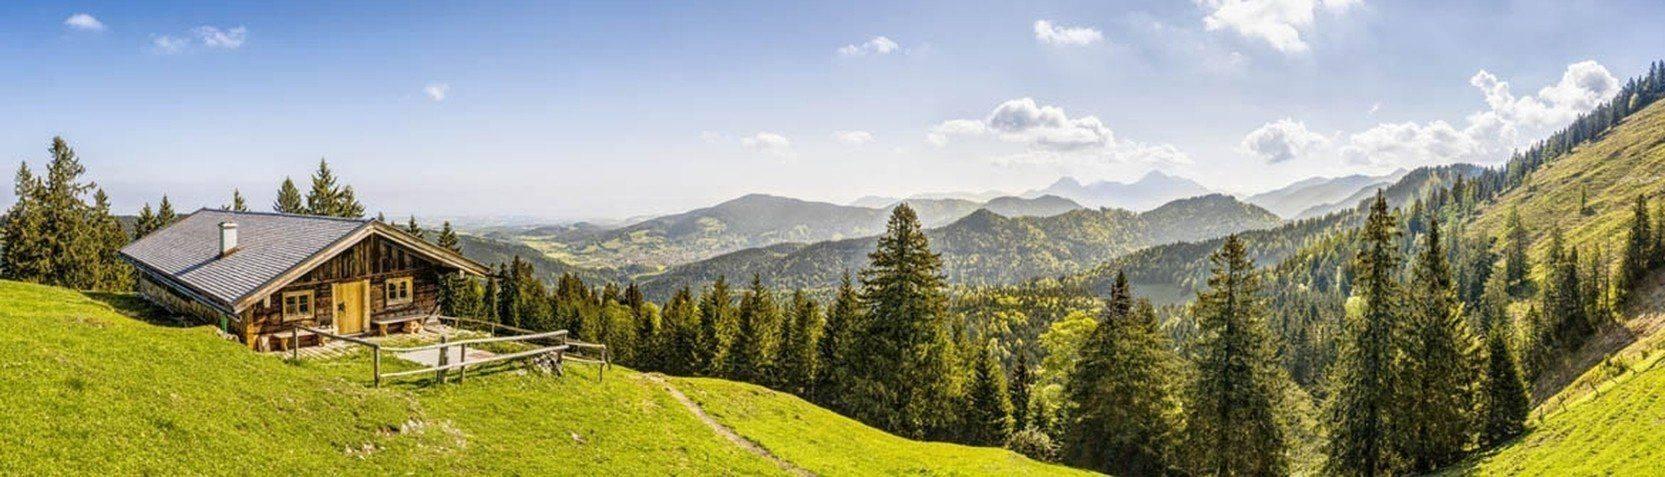 Photographie - Montagnes et vallées